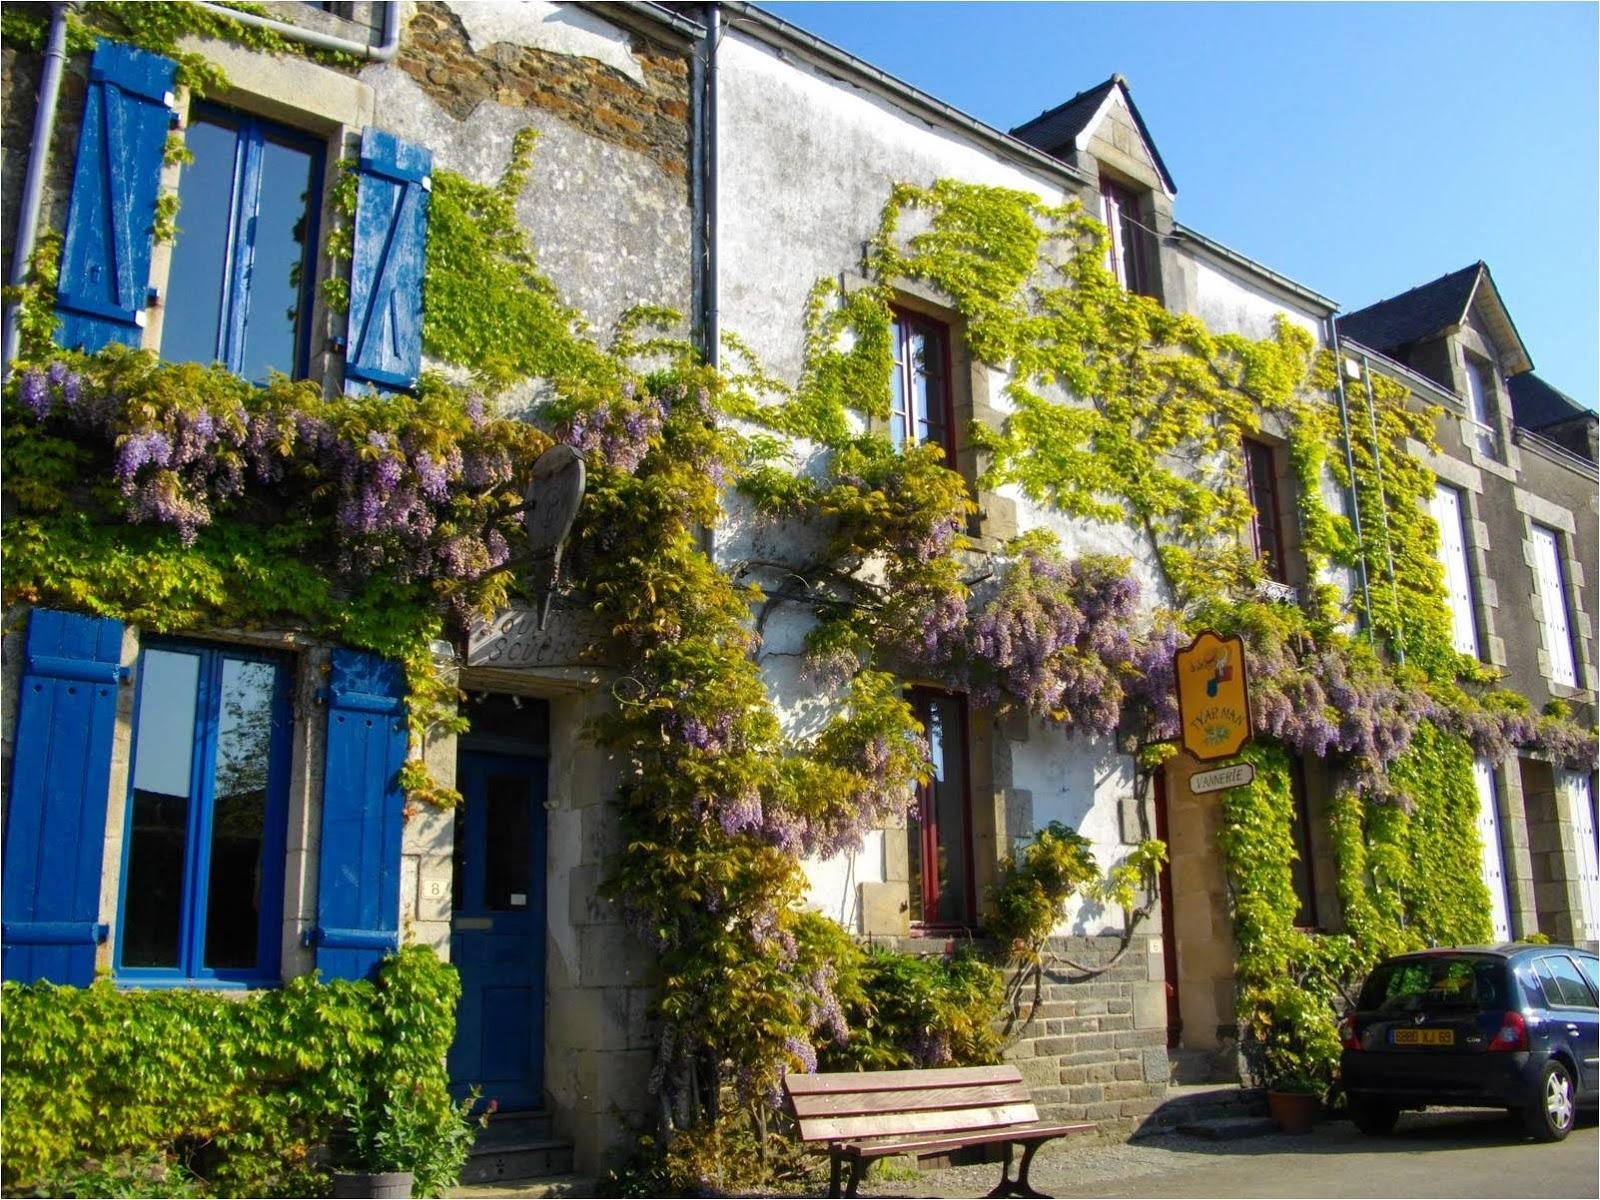 Lojas Virtuais Artesanato ~ Casinha colorida Se me chamar, eu vou Rochefort en Terre, França